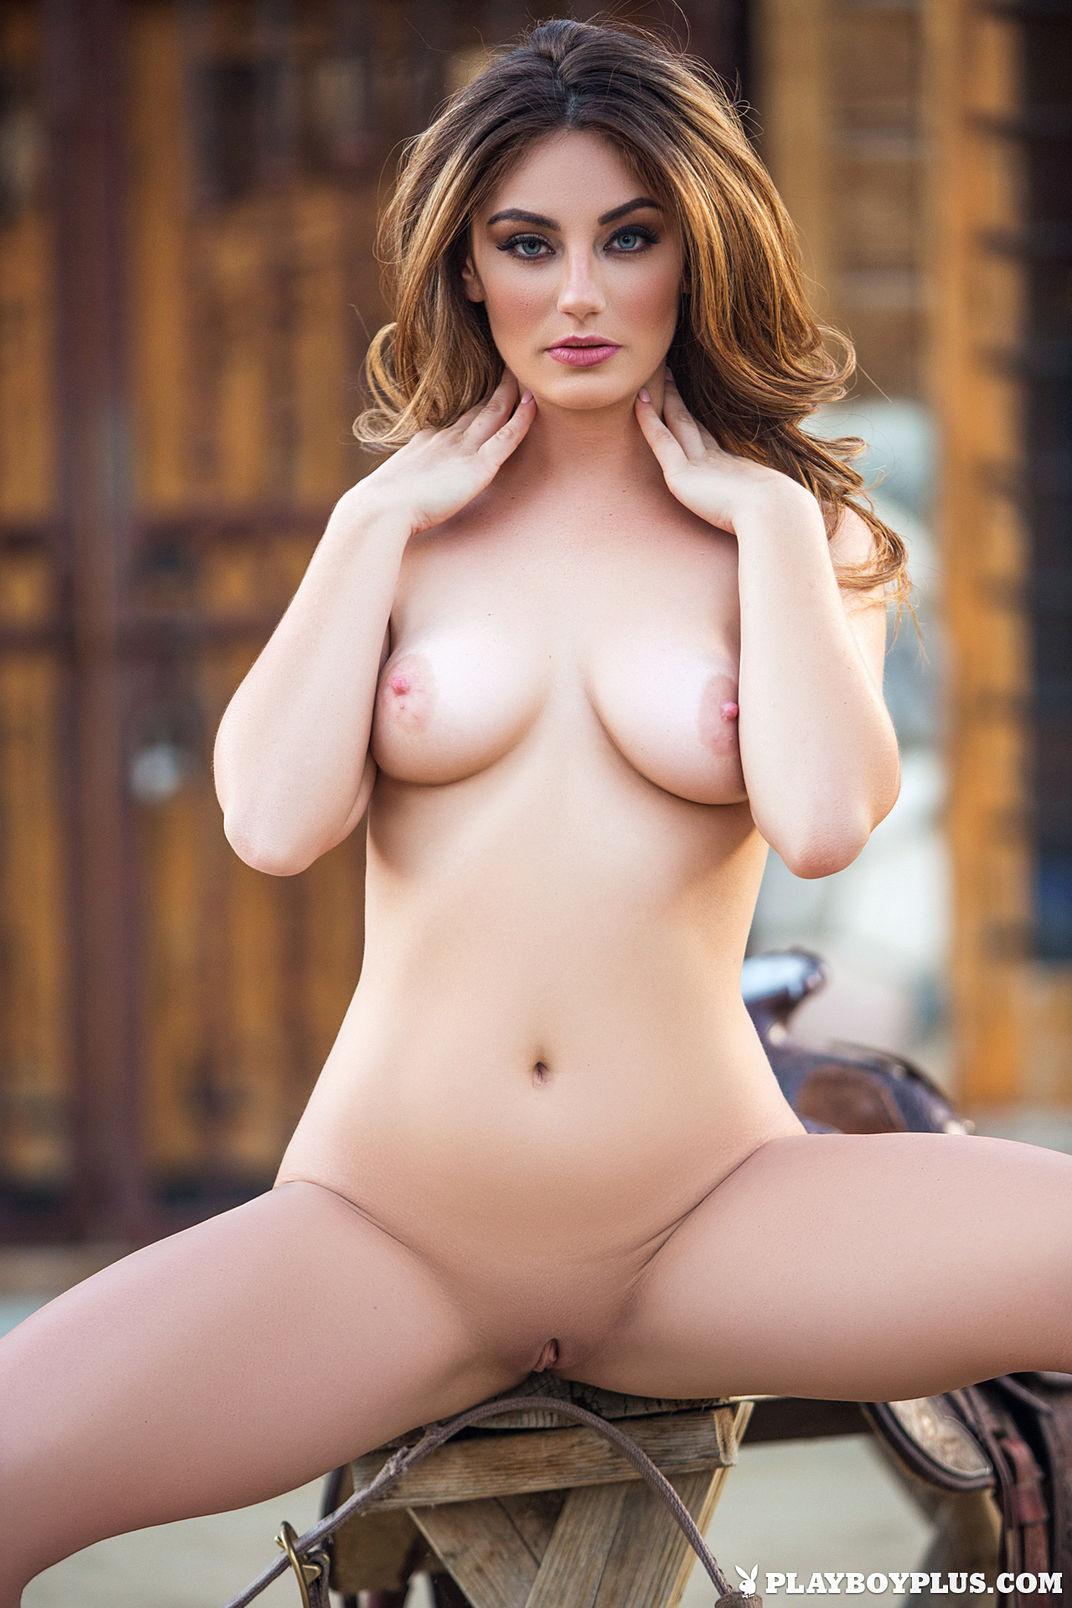 nude cowgirls tumblr